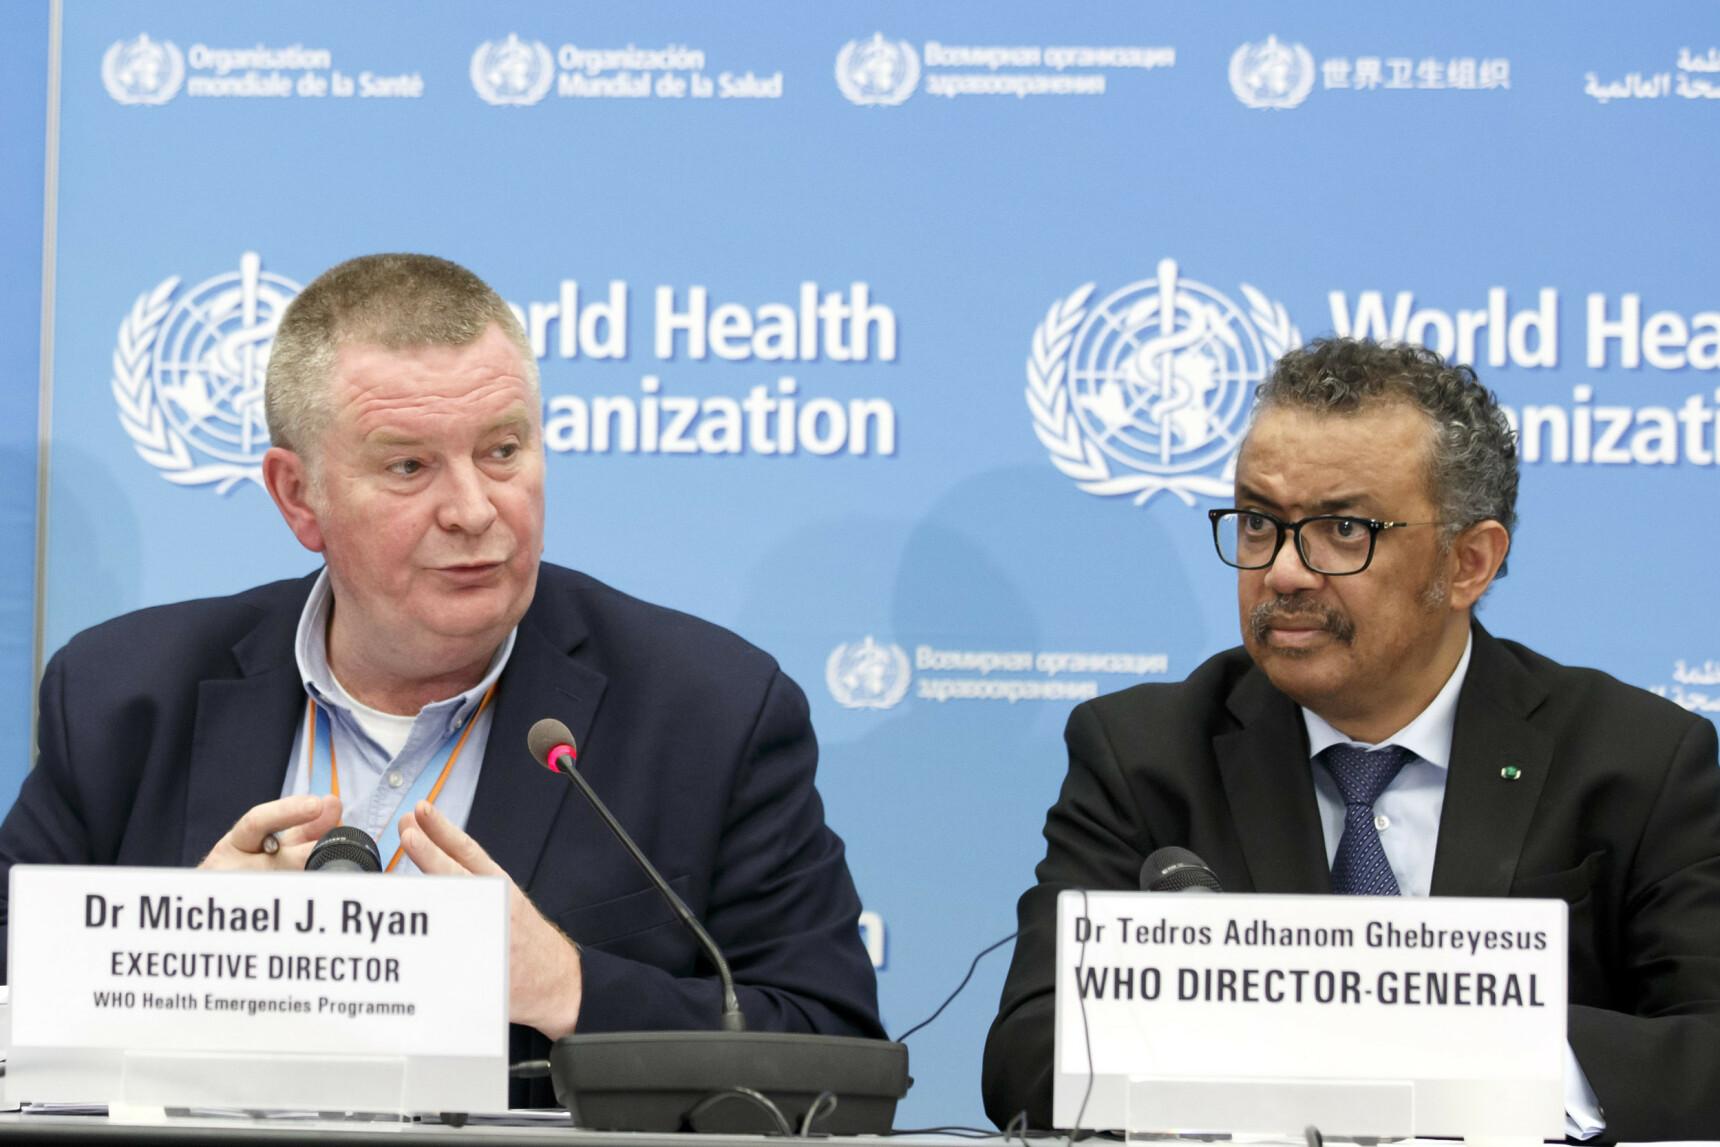 FOLKEHELSEKRISE: WHO erklærer internasjonal folkehelsekrise . Foto: AP/NTB